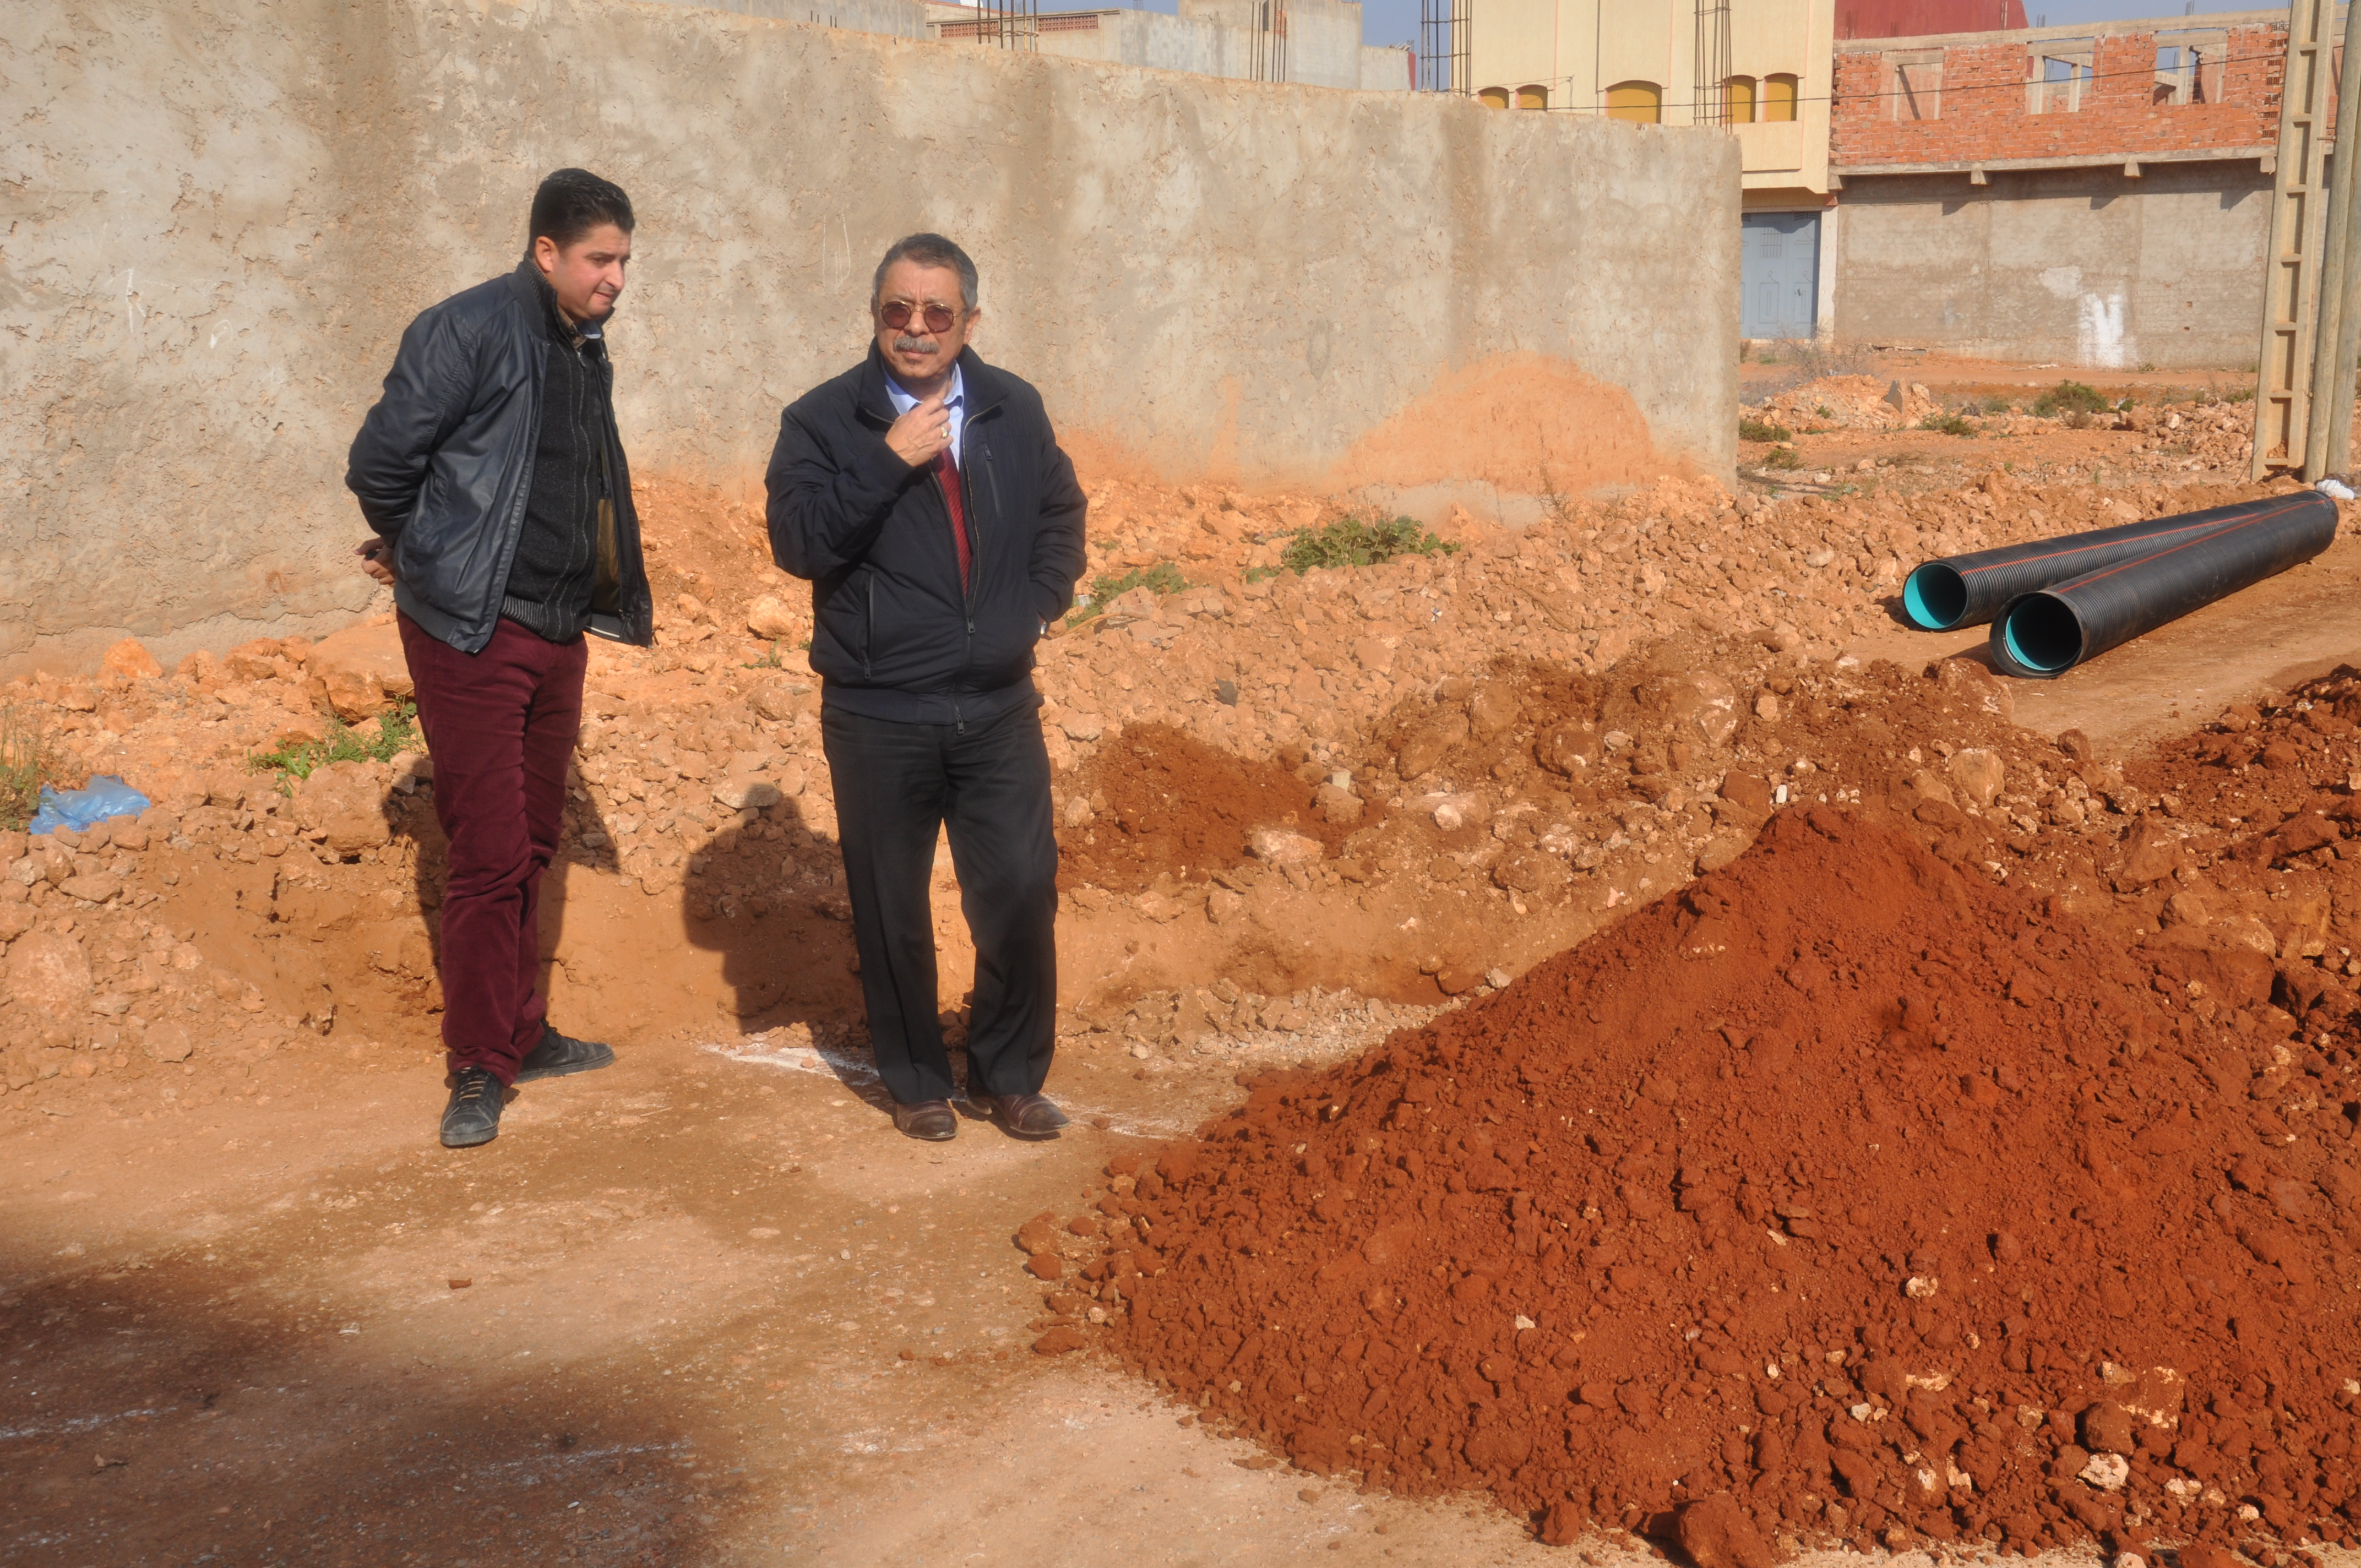 +فيديو.. بالأرقام : أقوضاض رئيس بلدية العروي يعرض حصيلة مجلسه خلال الثلاث سنوات الاخيرة